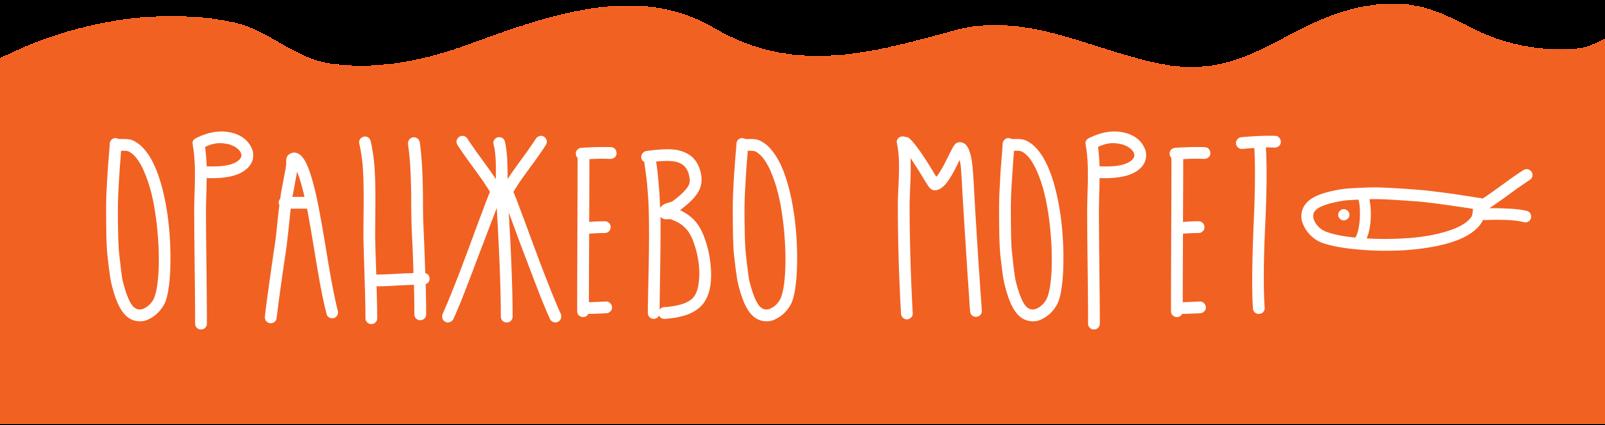 забава и игри Archives - Оранжево морето